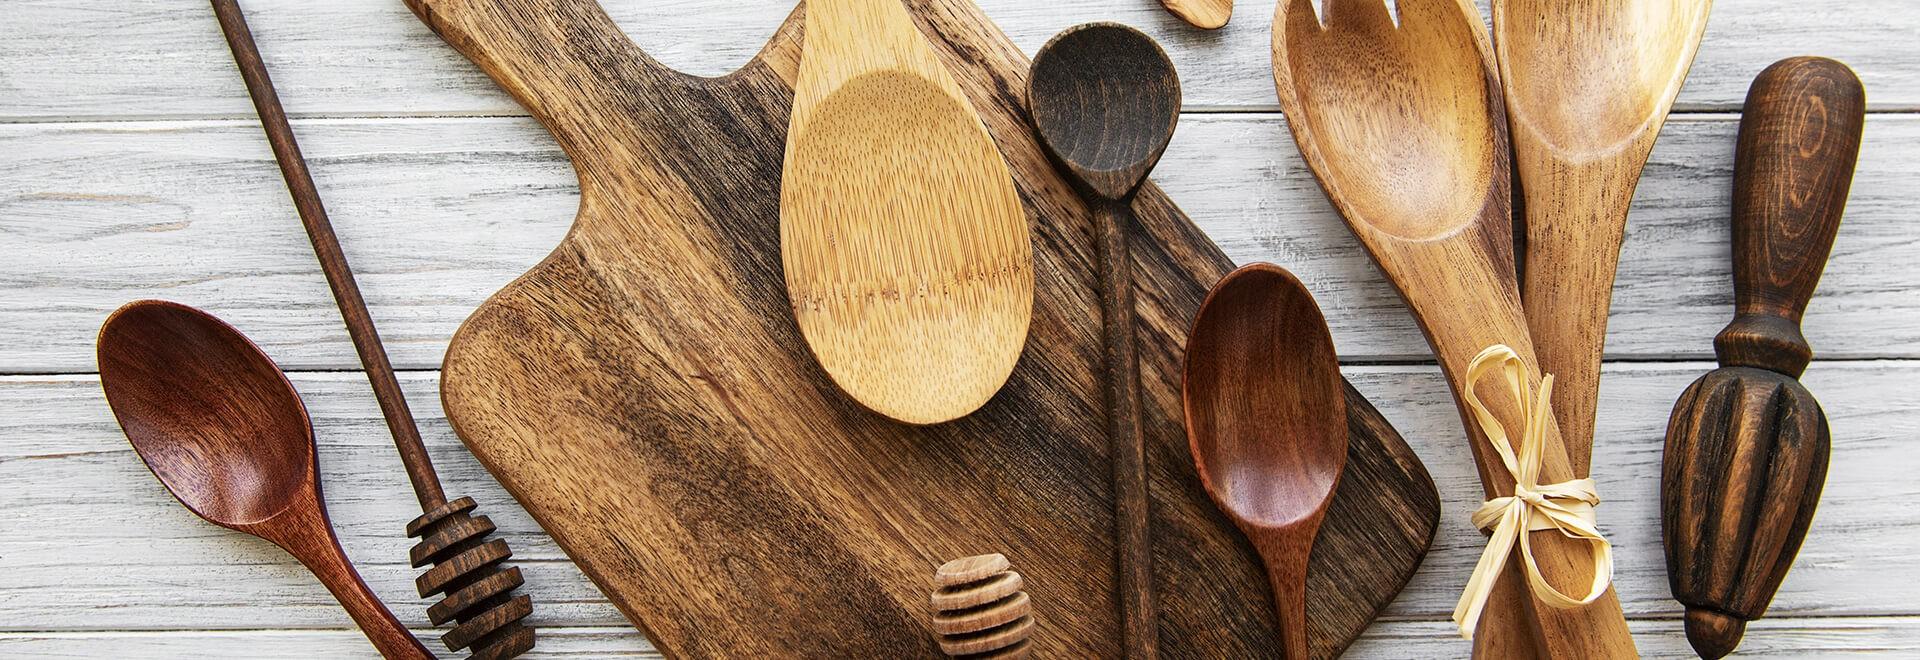 Sublimes et robustes outils constitués de bois